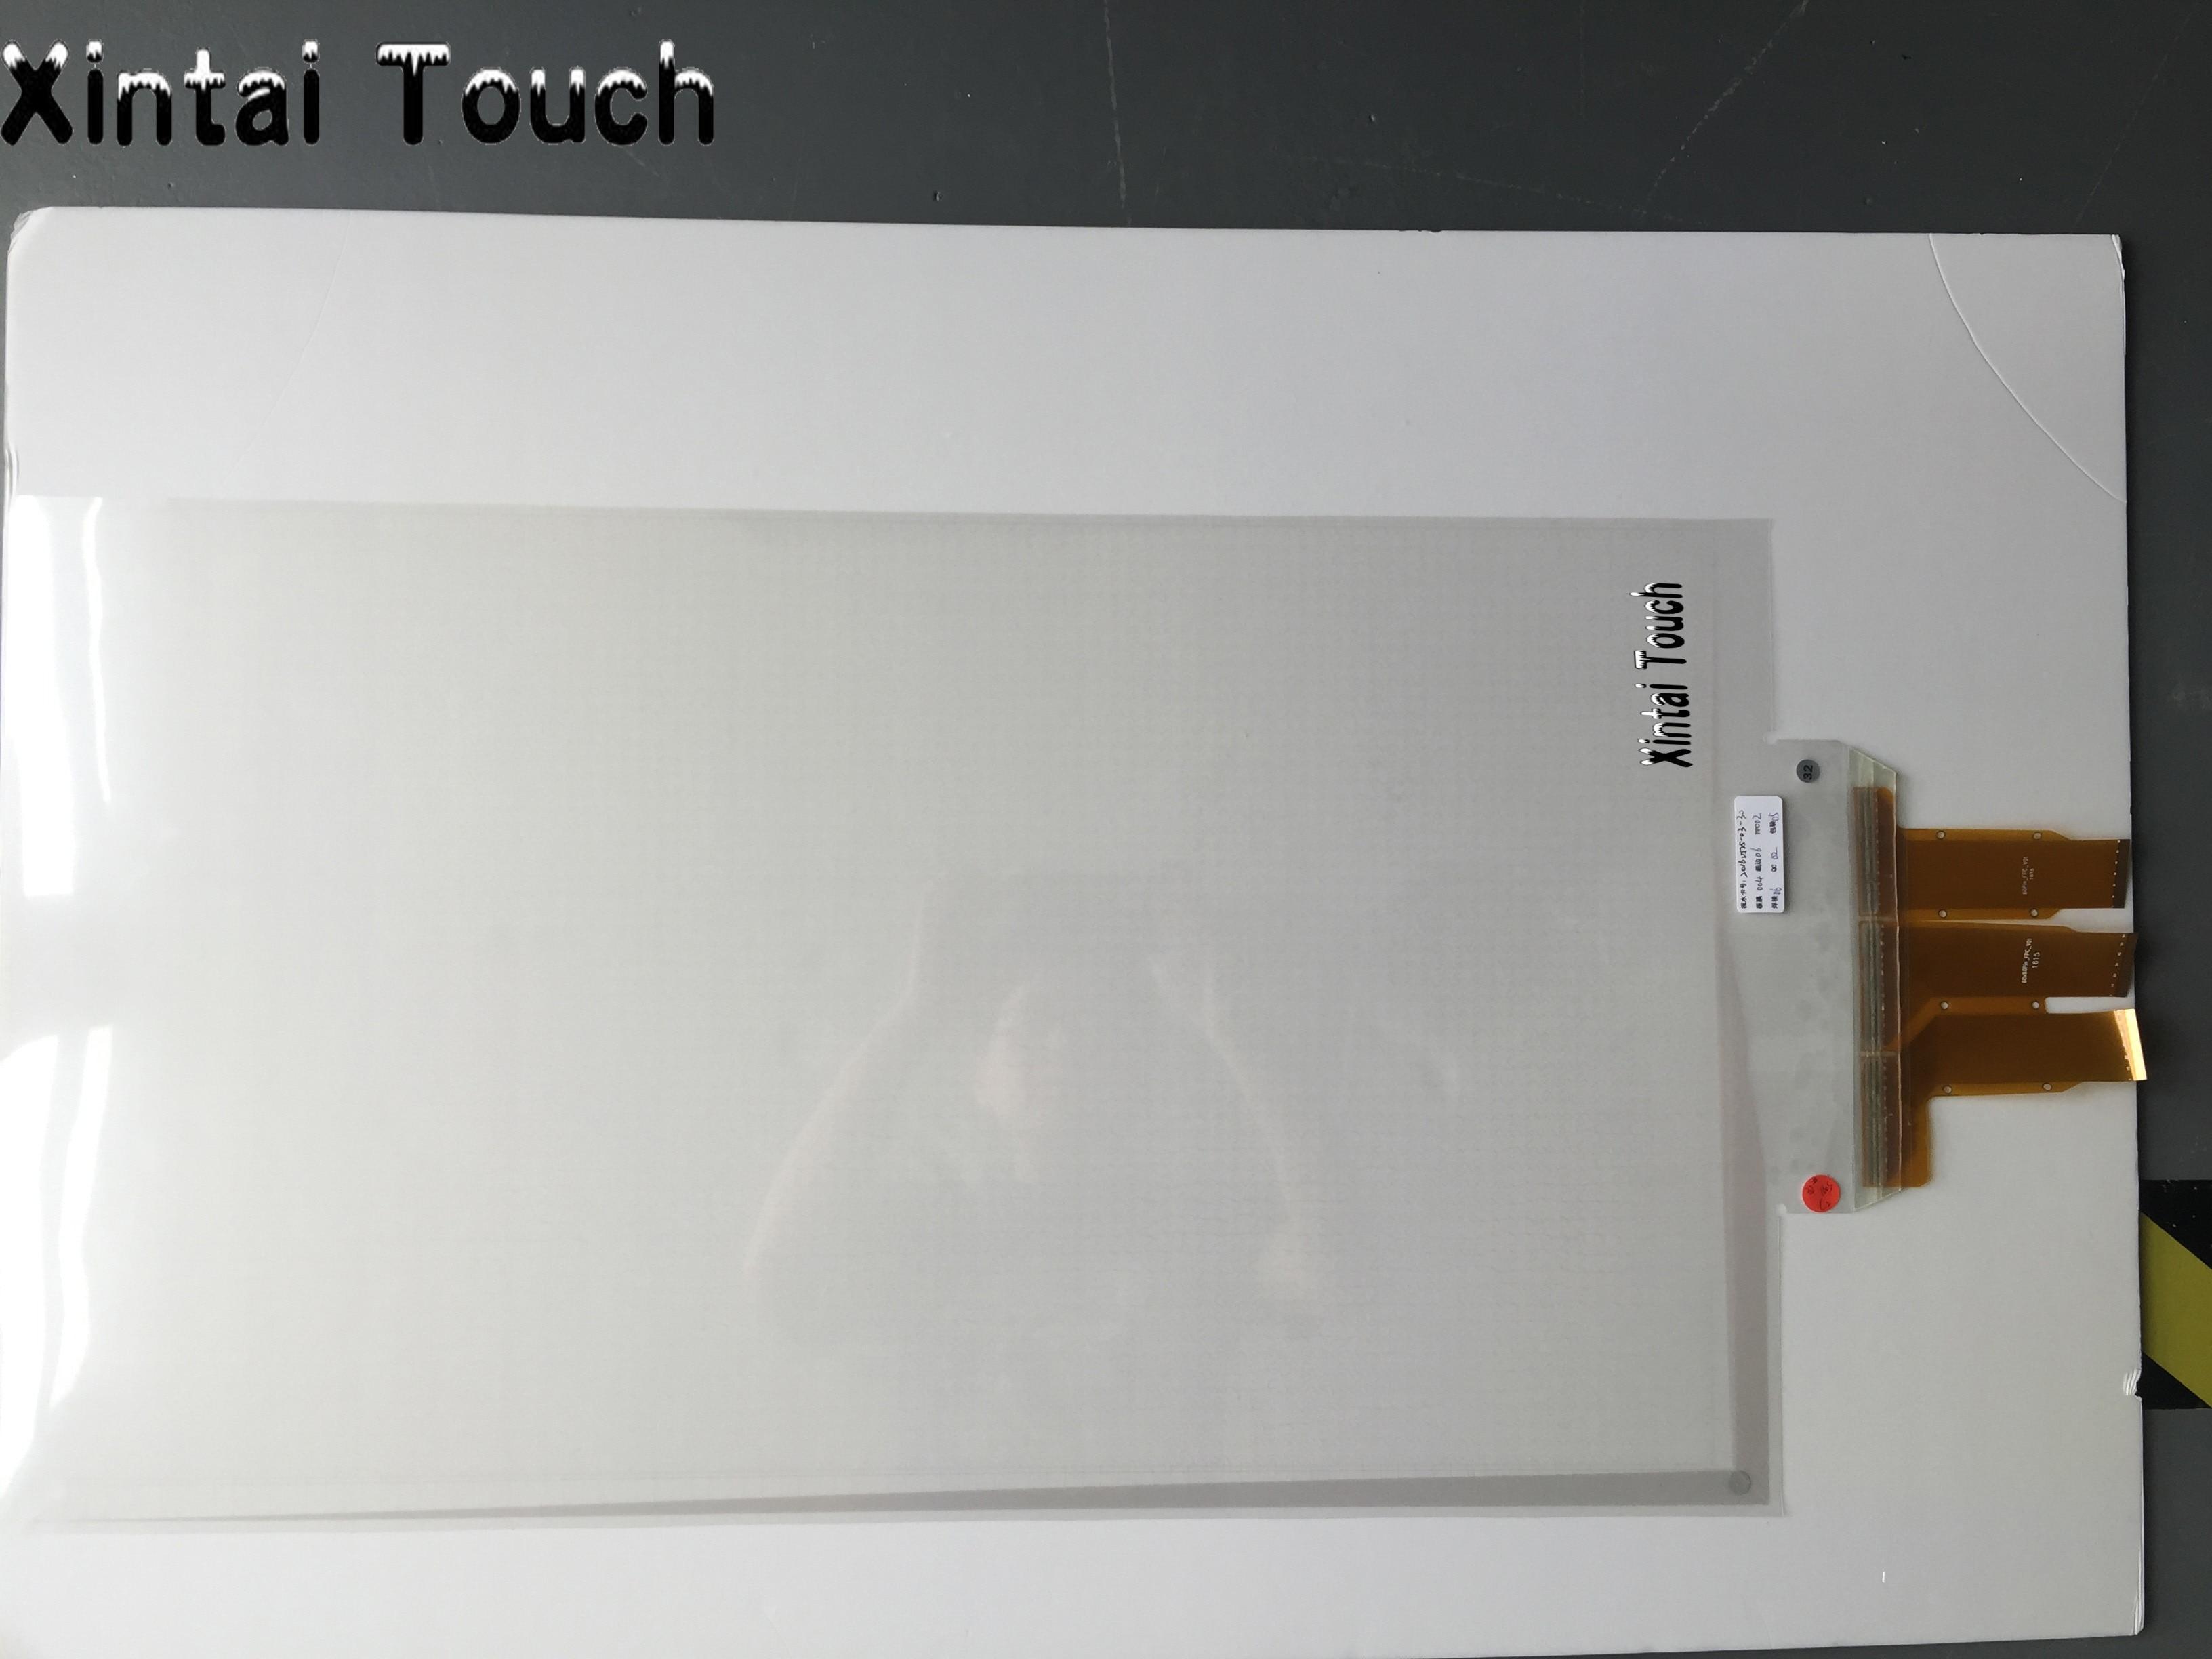 Livraison Gratuite! Film interactif d'écran tactile de 43 pouces film tactile capacitif projeté par USB/20 points multitouch